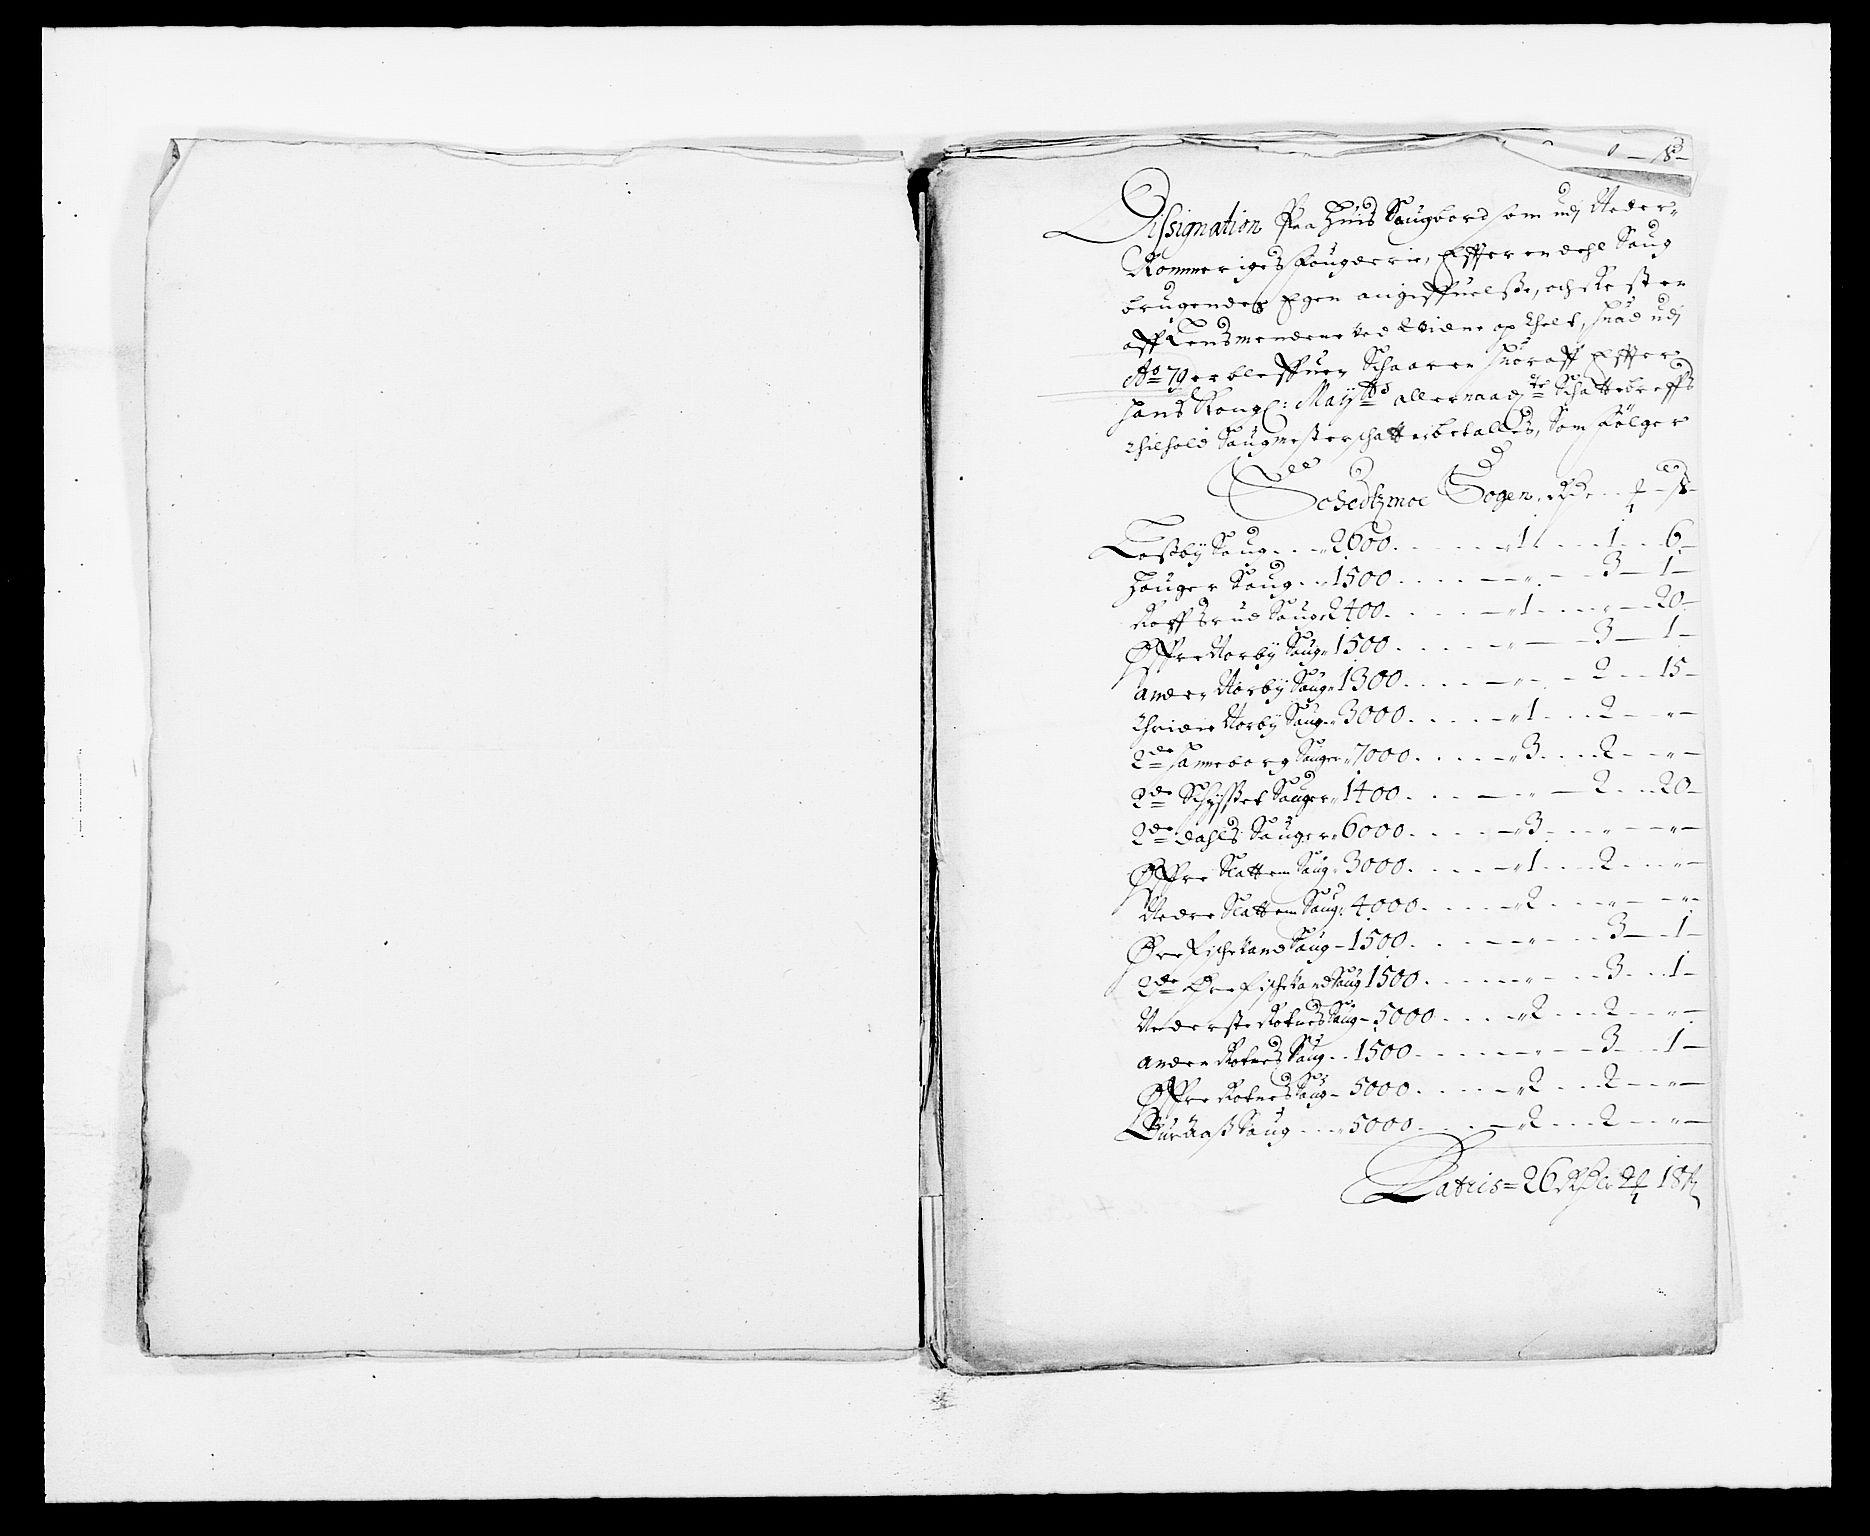 RA, Rentekammeret inntil 1814, Reviderte regnskaper, Fogderegnskap, R11/L0568: Fogderegnskap Nedre Romerike, 1679, s. 250